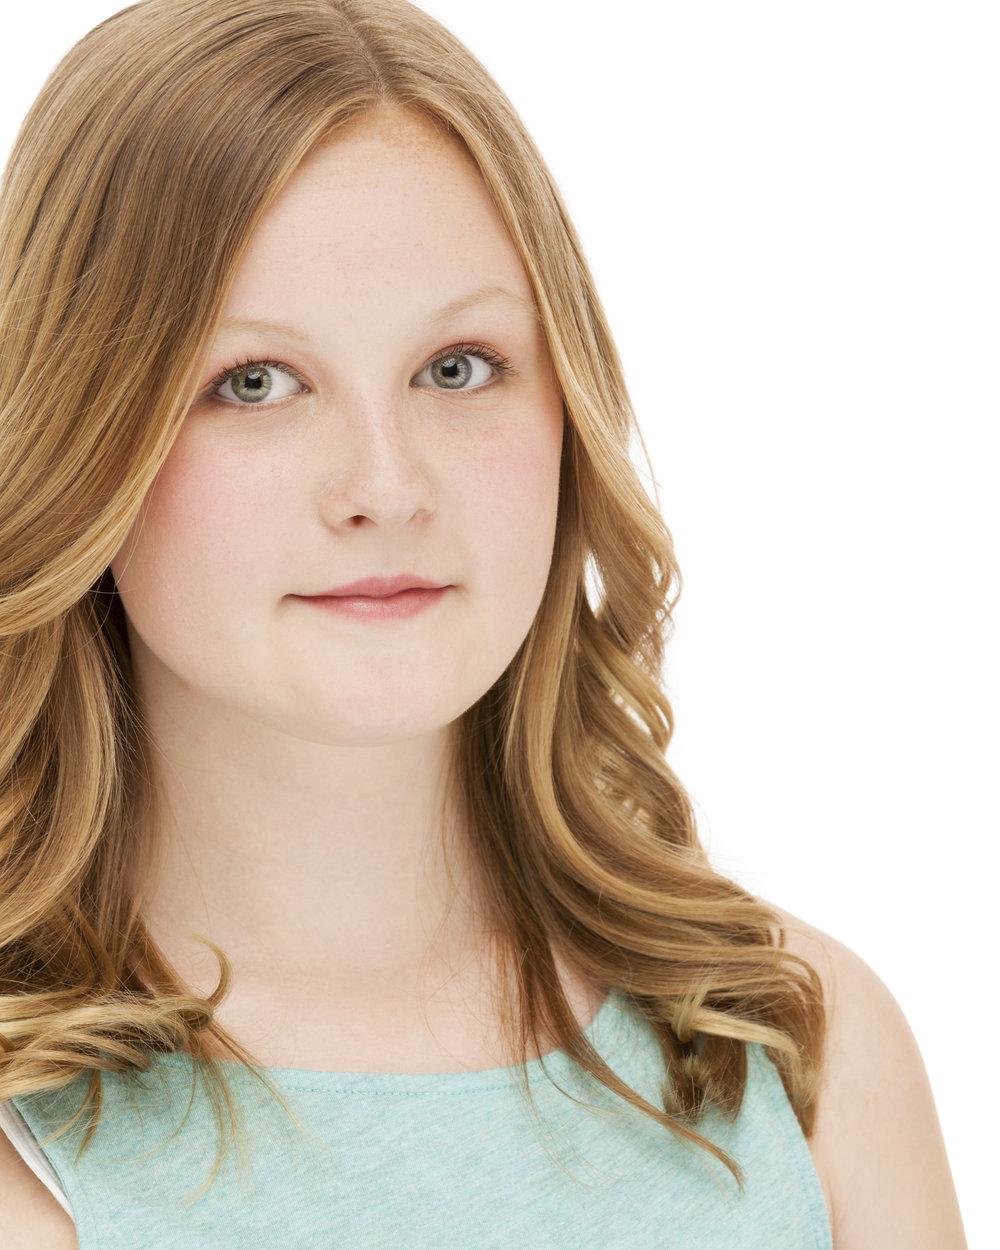 Isabel Flisher Headshot.jpg